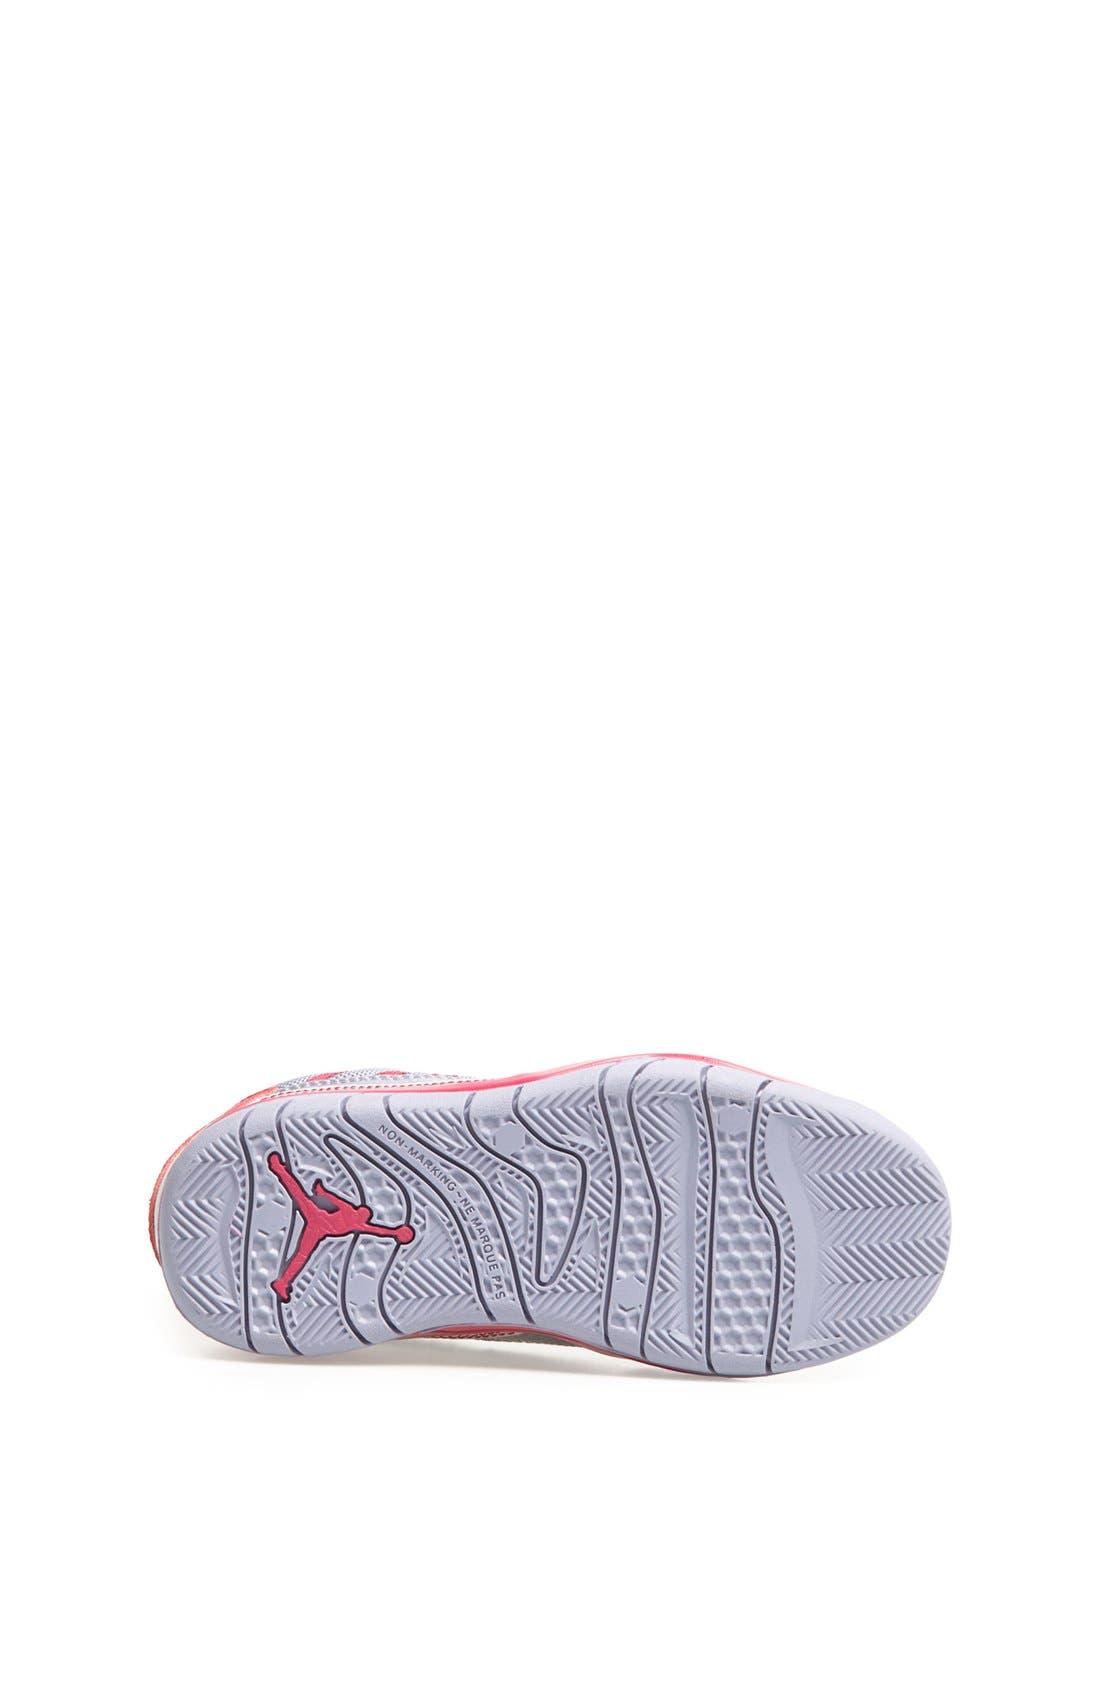 Alternate Image 4  - Nike 'Jordan Prime Flight' Basketball Shoe (Toddler & Little Kid)